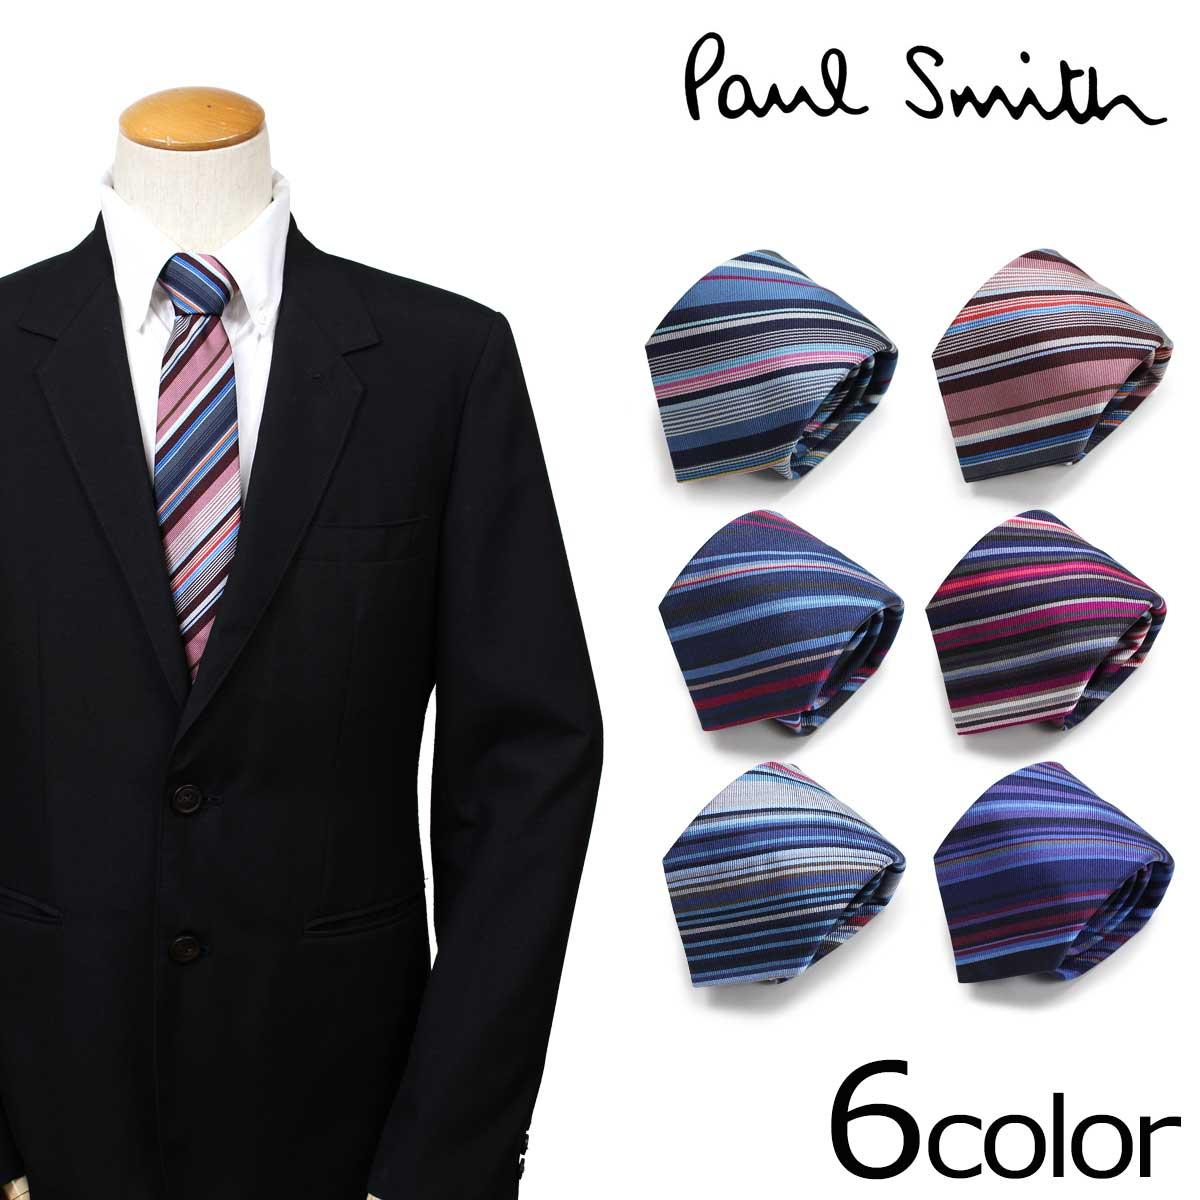 Paul Smith ポールスミス ネクタイ シルク メンズ イタリア製 ビジネス 結婚式 ギフト